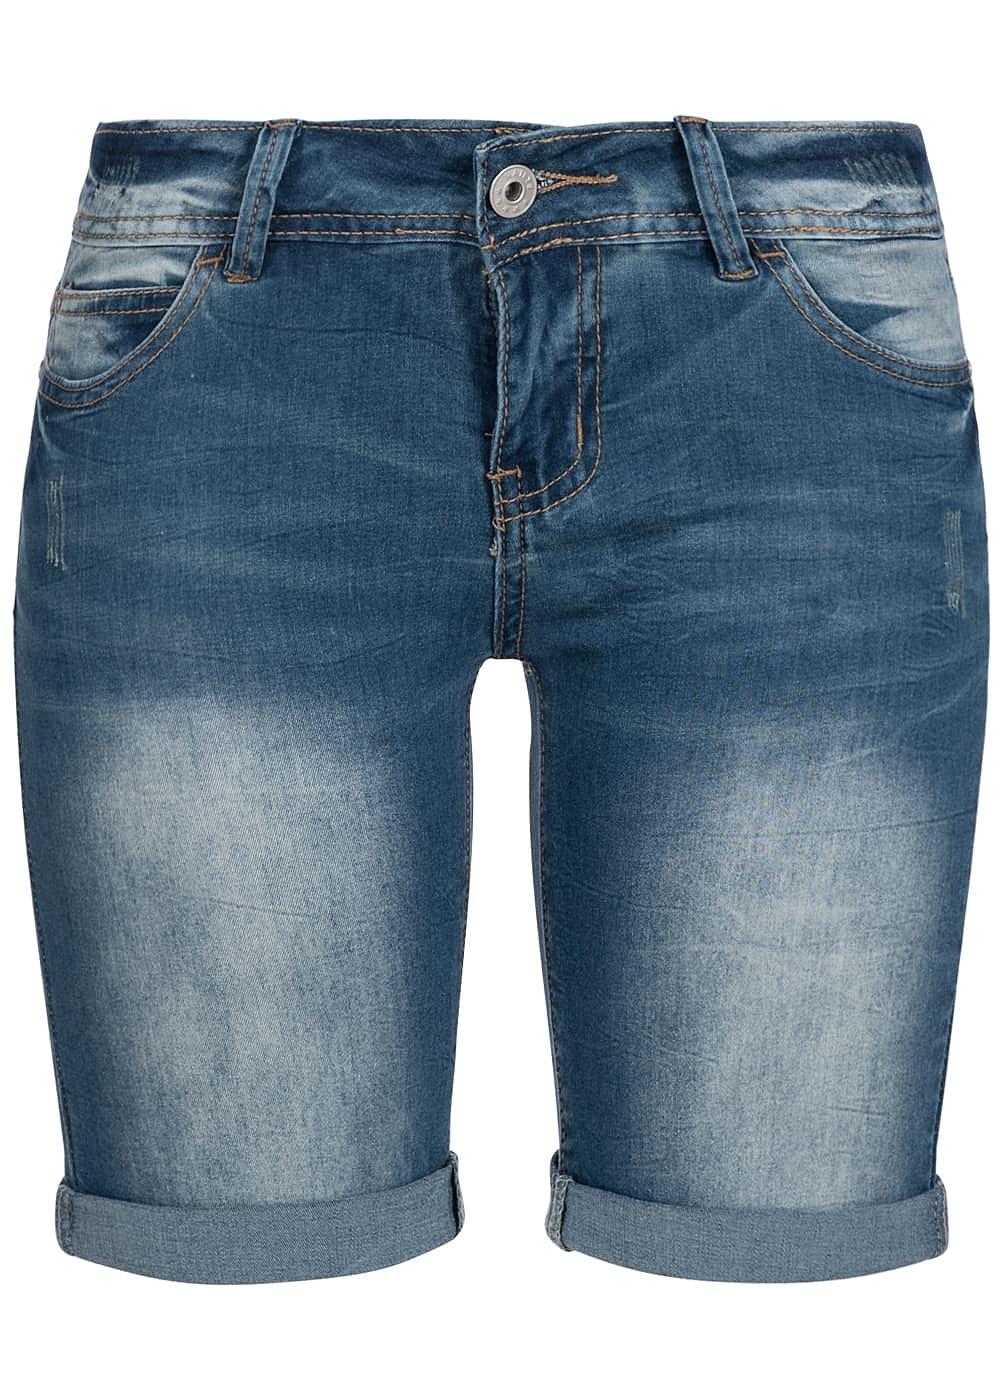 hailys damen bermuda jeans short 5 pockets blau 77onlineshop. Black Bedroom Furniture Sets. Home Design Ideas